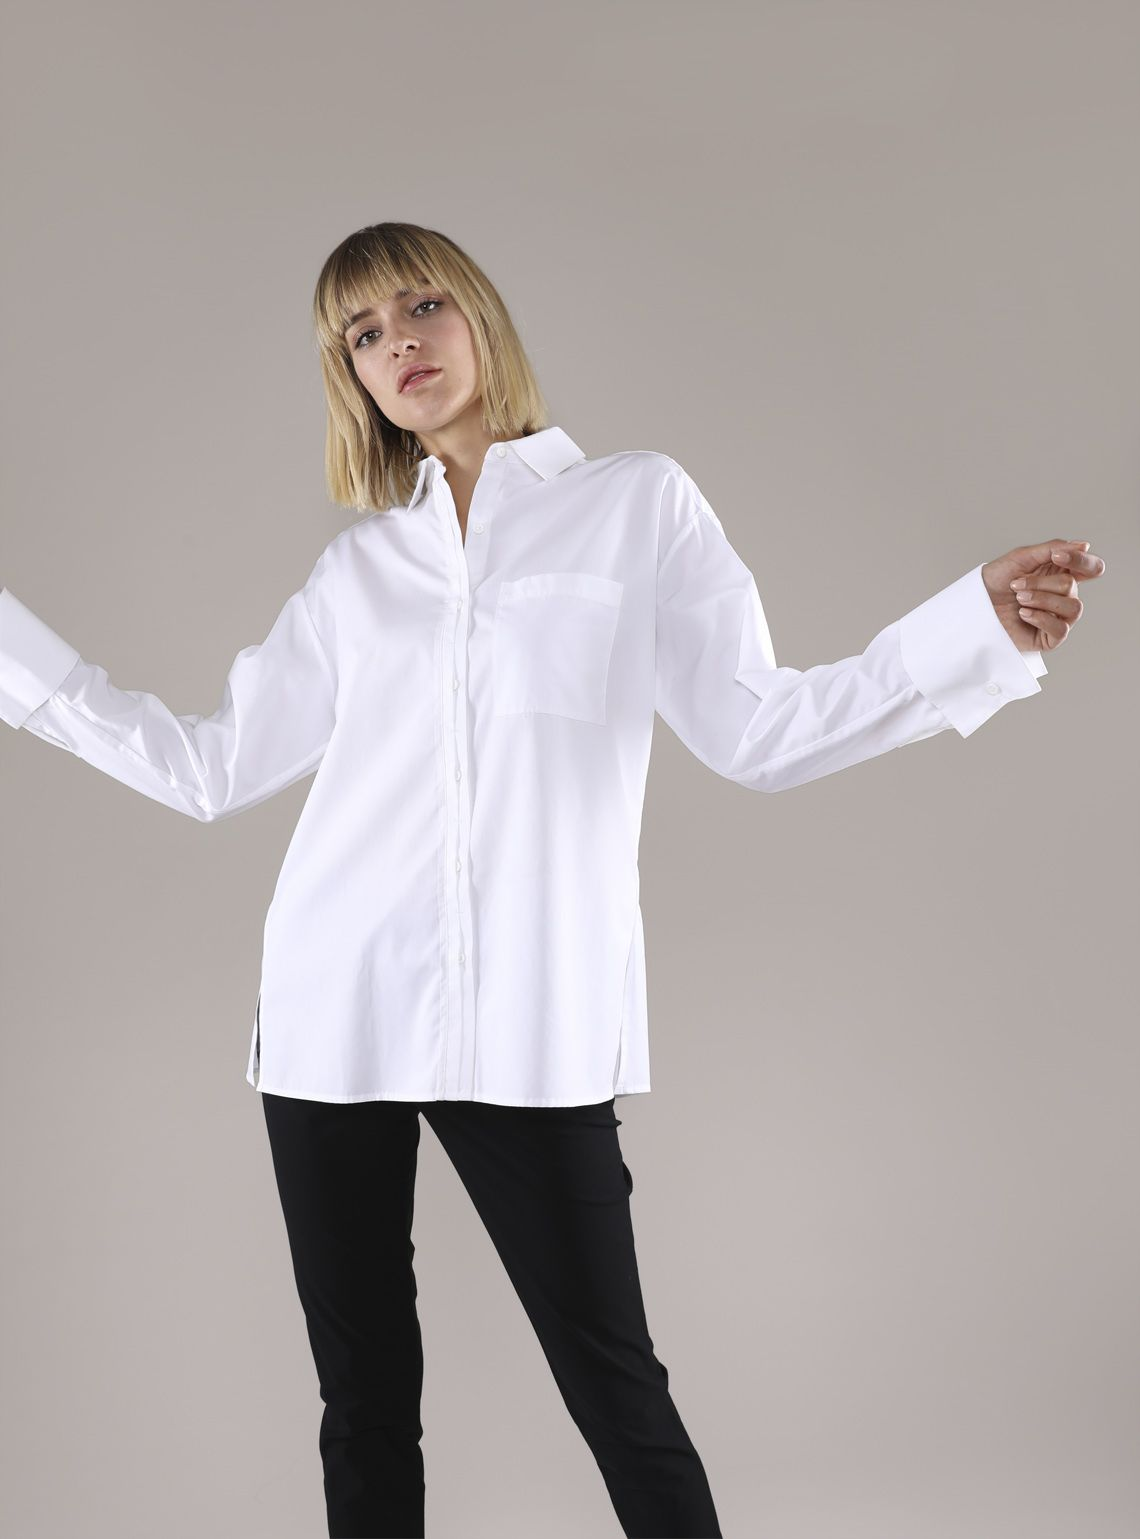 Make a Shirtdress From An Oversized Shirt